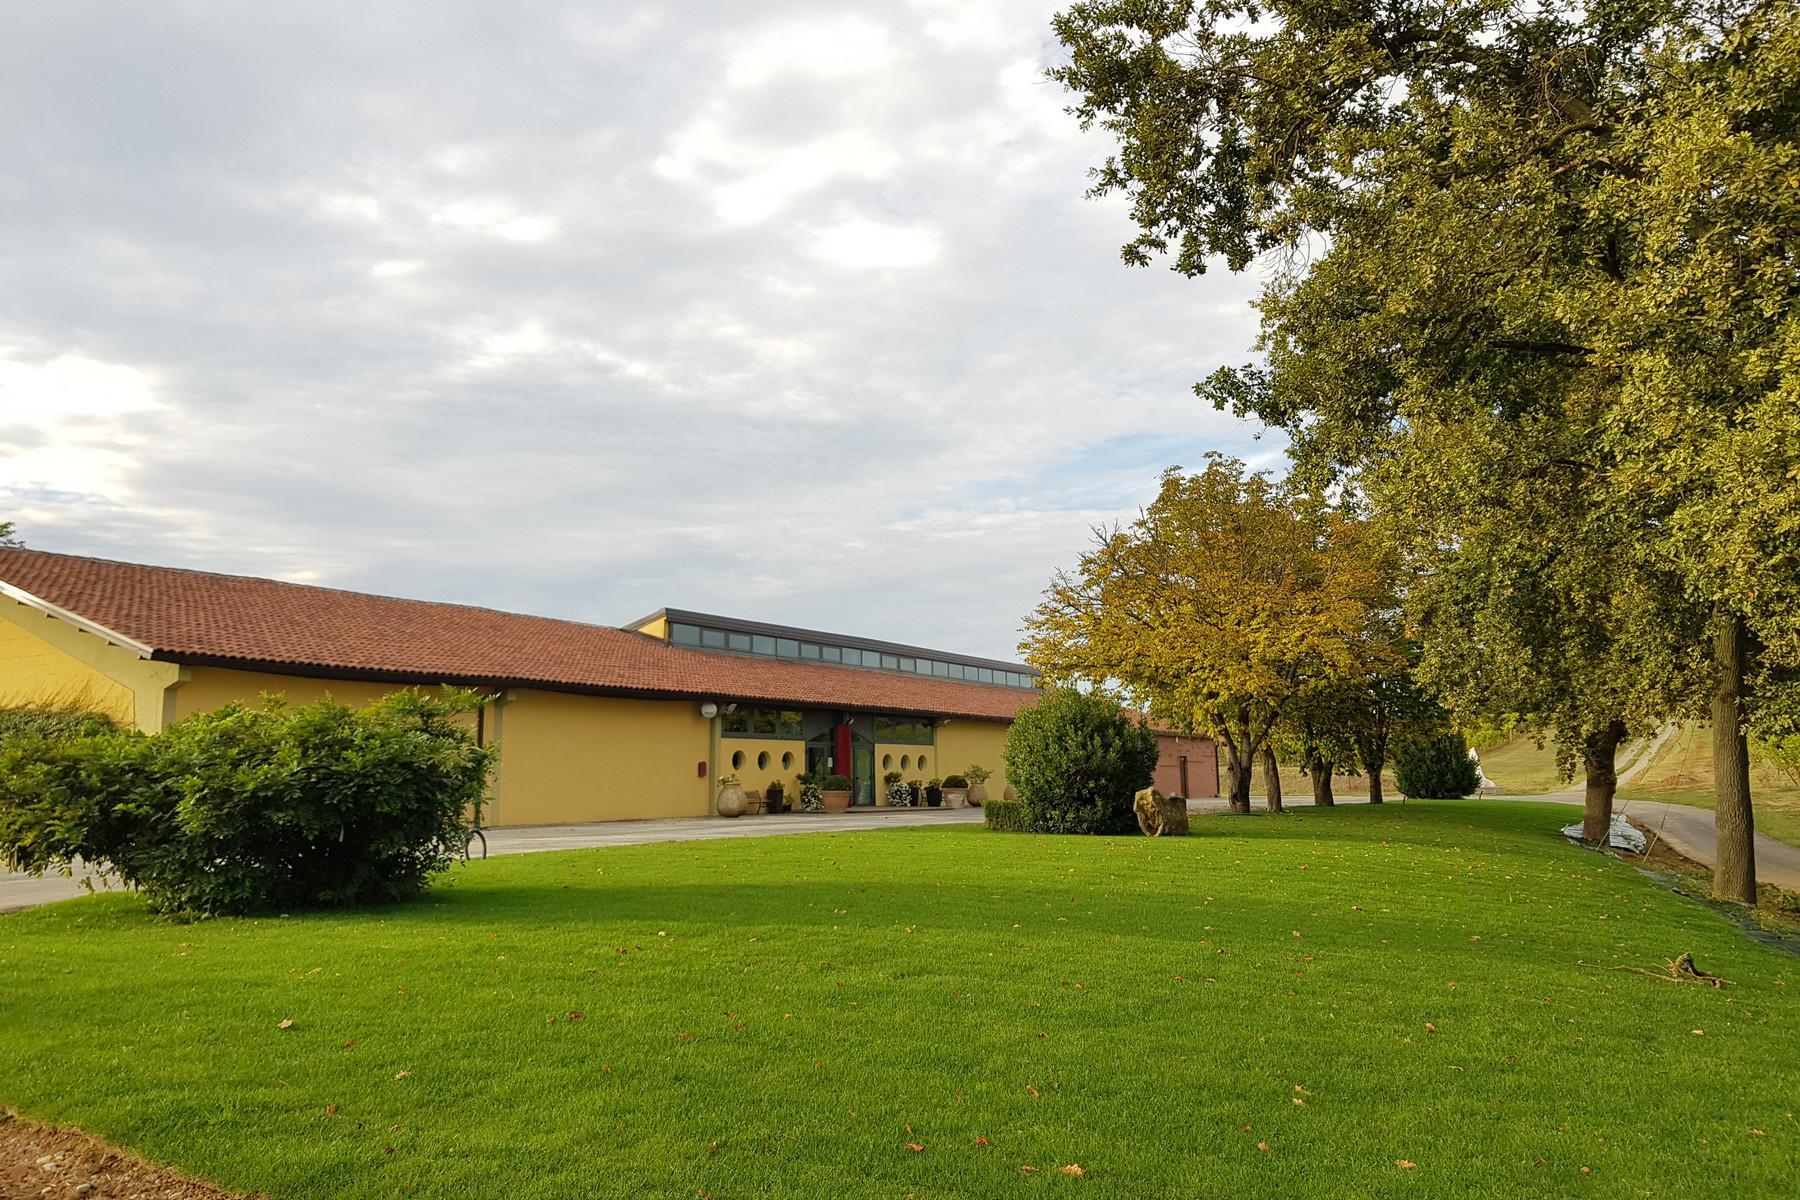 Meravigliosa azienda vitivinicola nel cuore del Monferrato - 12